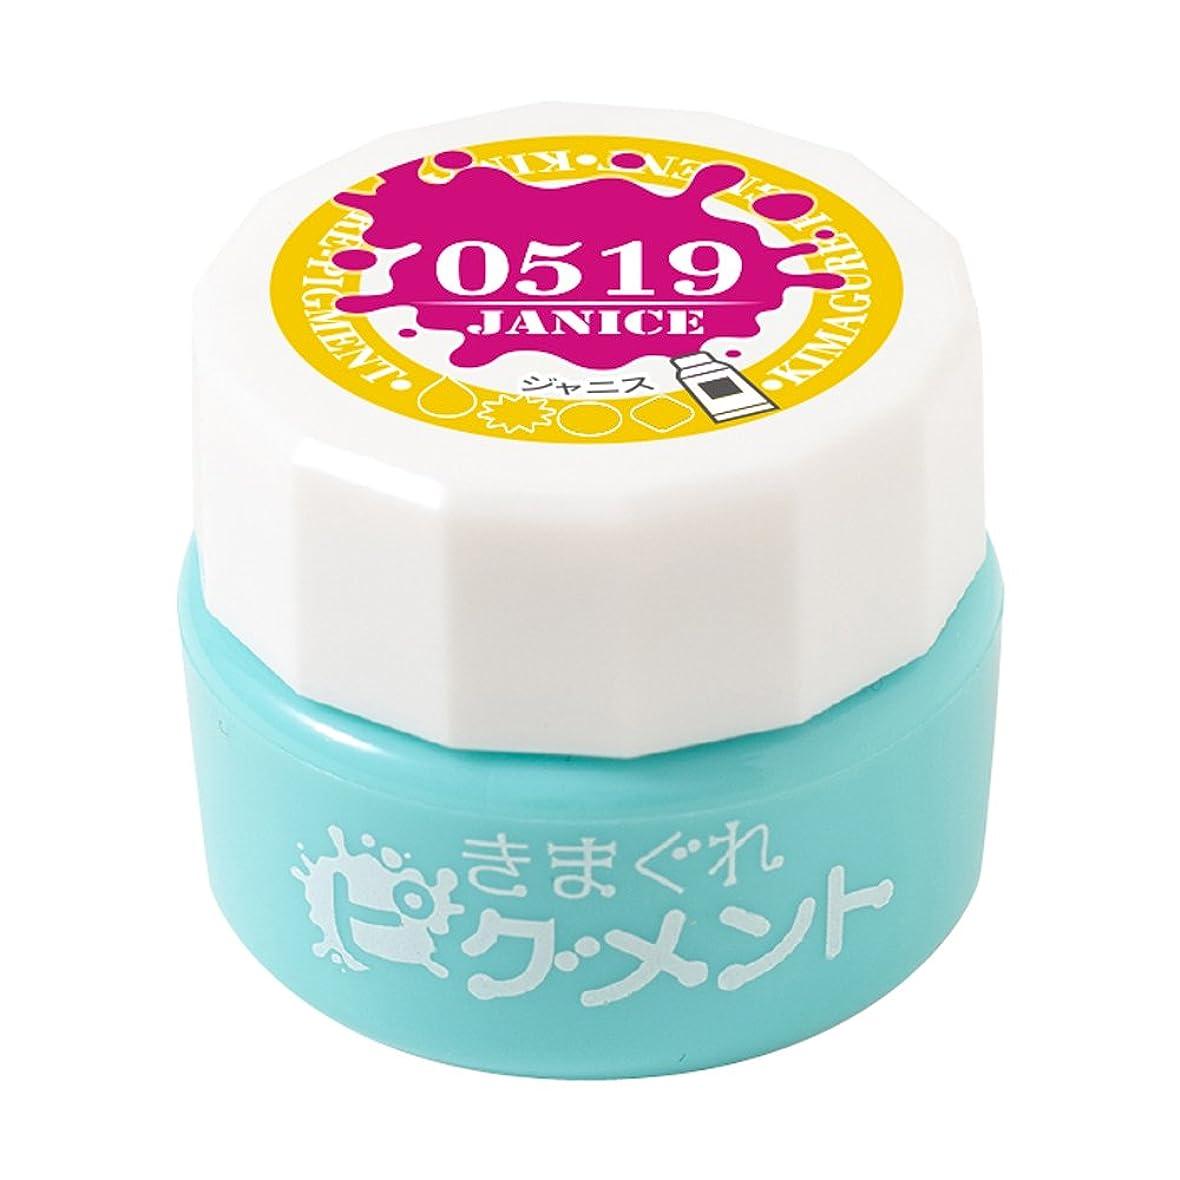 アイスクリームロンドンかろうじてBettygel きまぐれピグメント ジャニス QYJ-0519 4g UV/LED対応